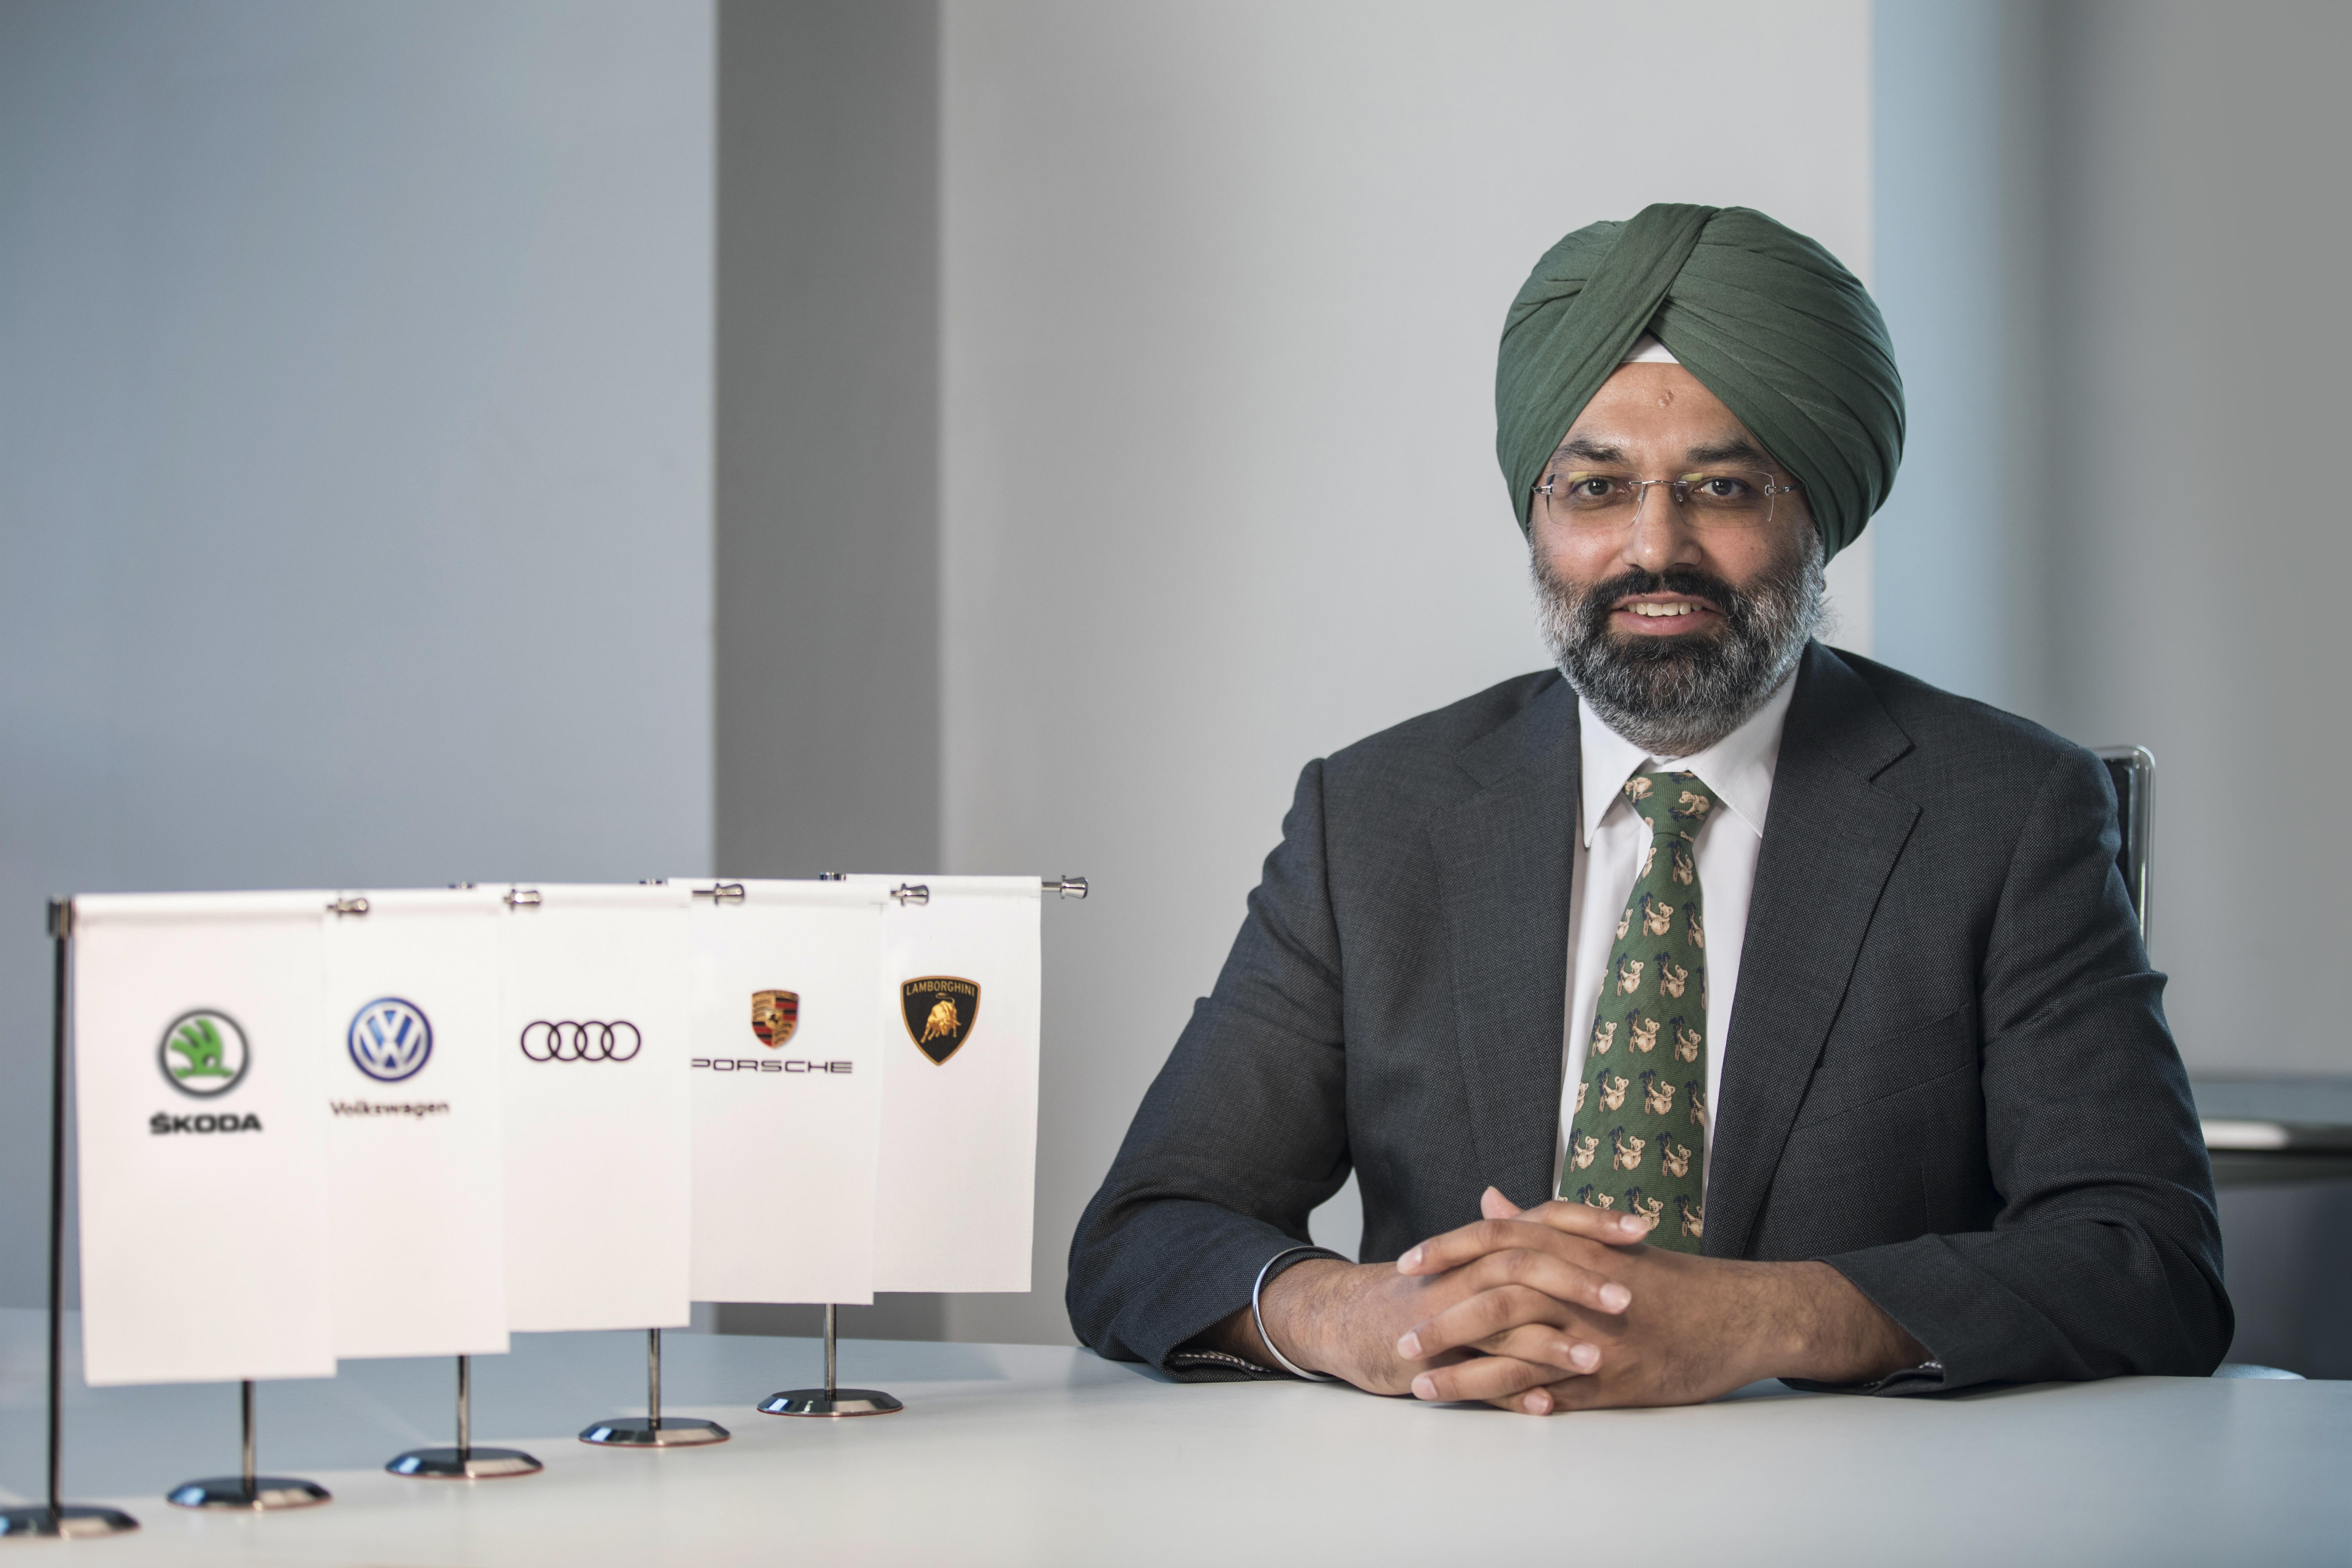 volkswagen group india schliesst sich in der neuen organisation skoda auto volkswagen india private limited zusammen - Volkswagen Group India schließt sich in der neuen Organisation SKODA AUTO Volkswagen India Private Limited zusammen